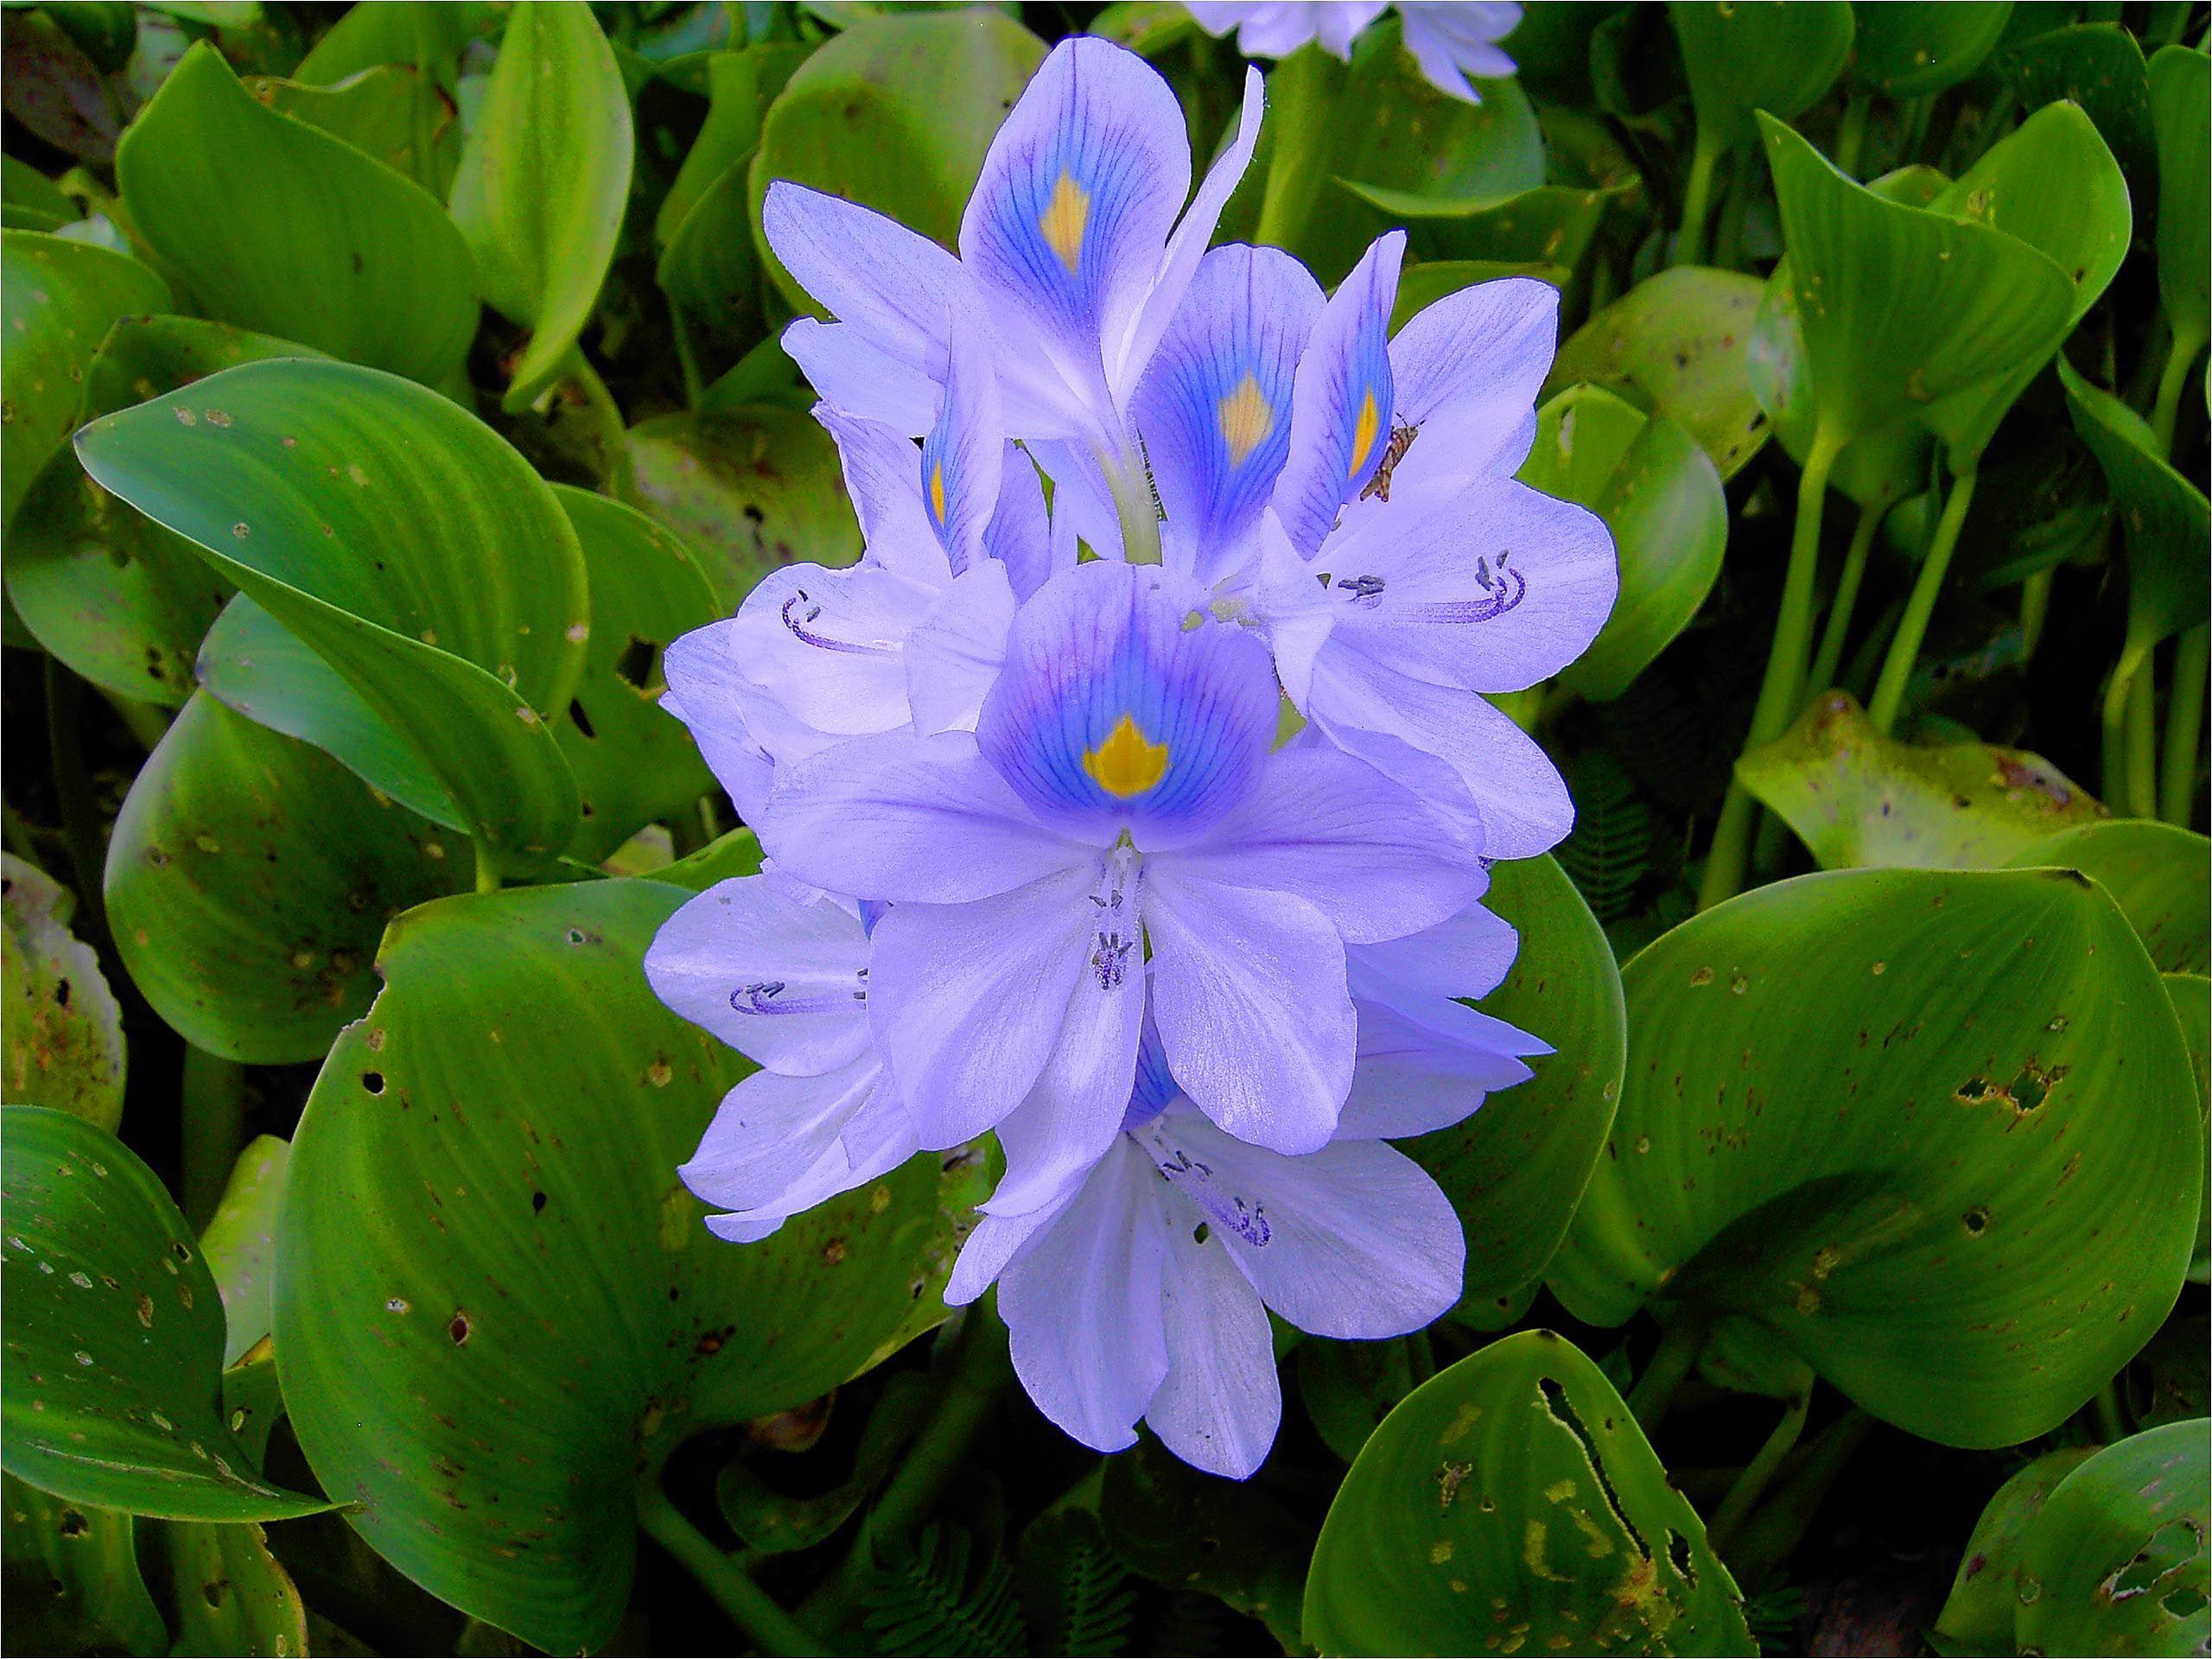 Flor azul do Brasil. Escreva para contato@floresnaweb.com para encomendar suas flores para presente.